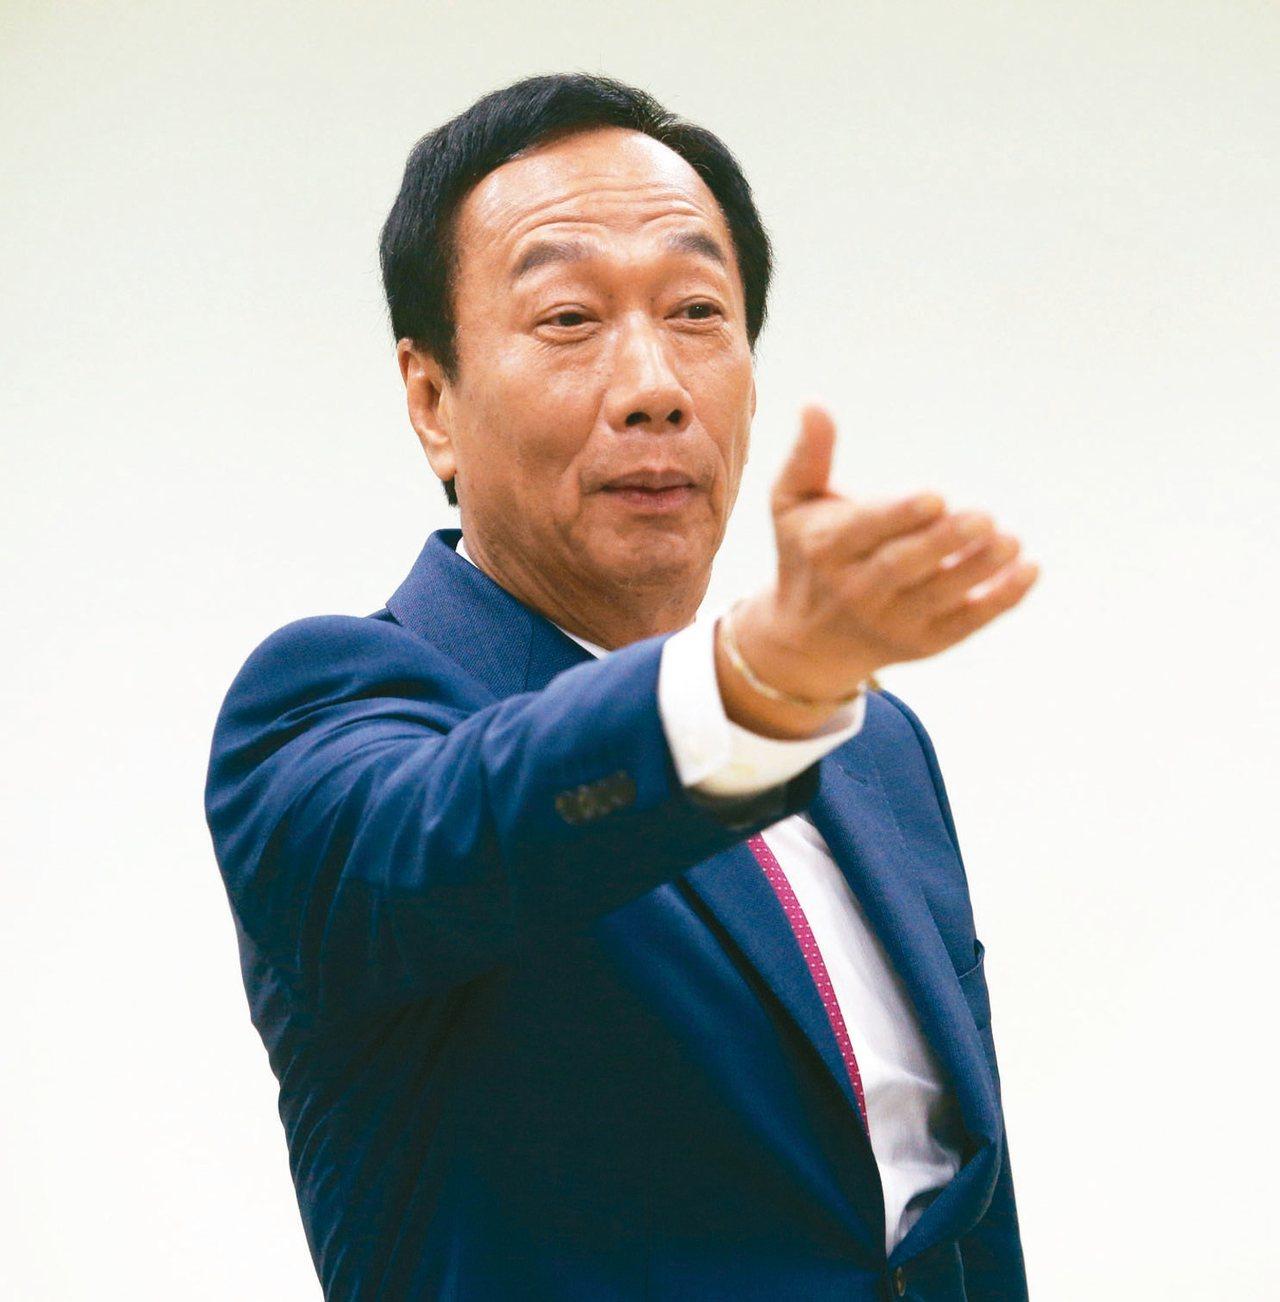 鴻海創辦人郭台銘。 圖/聯合報系資料照片